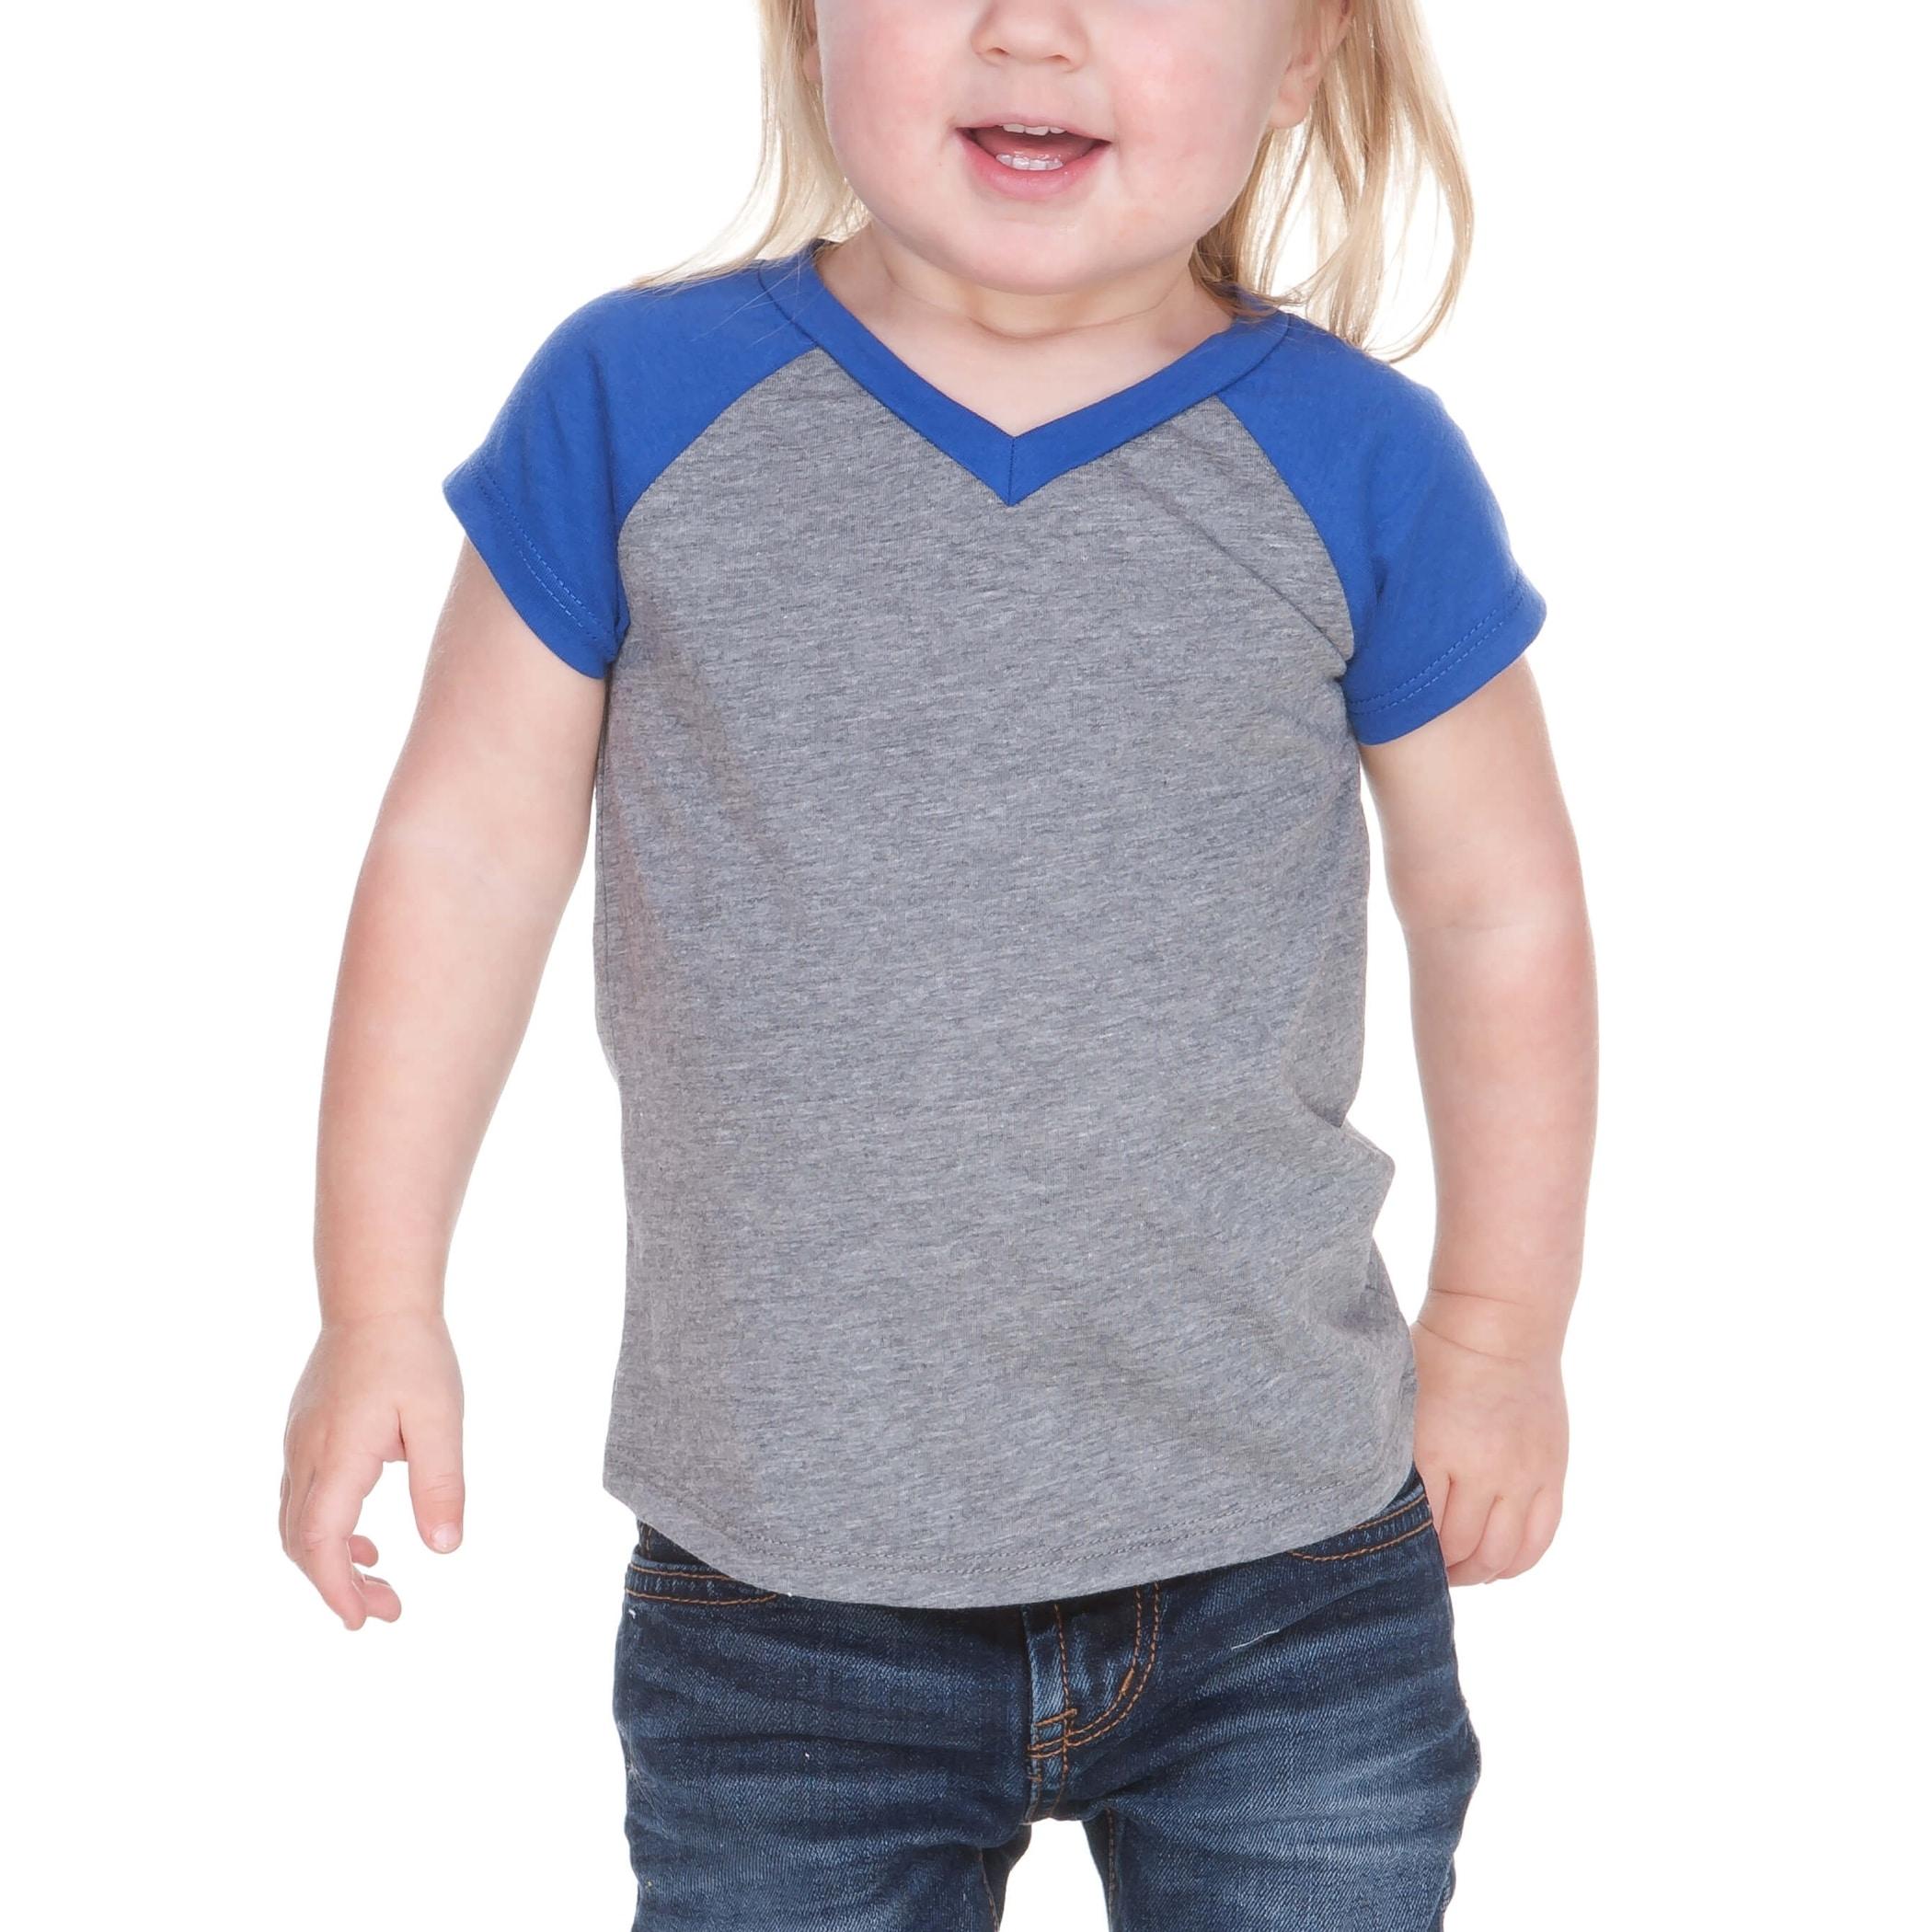 Kavio Unisex Infants Raglan Short Sleeve Bodysuit